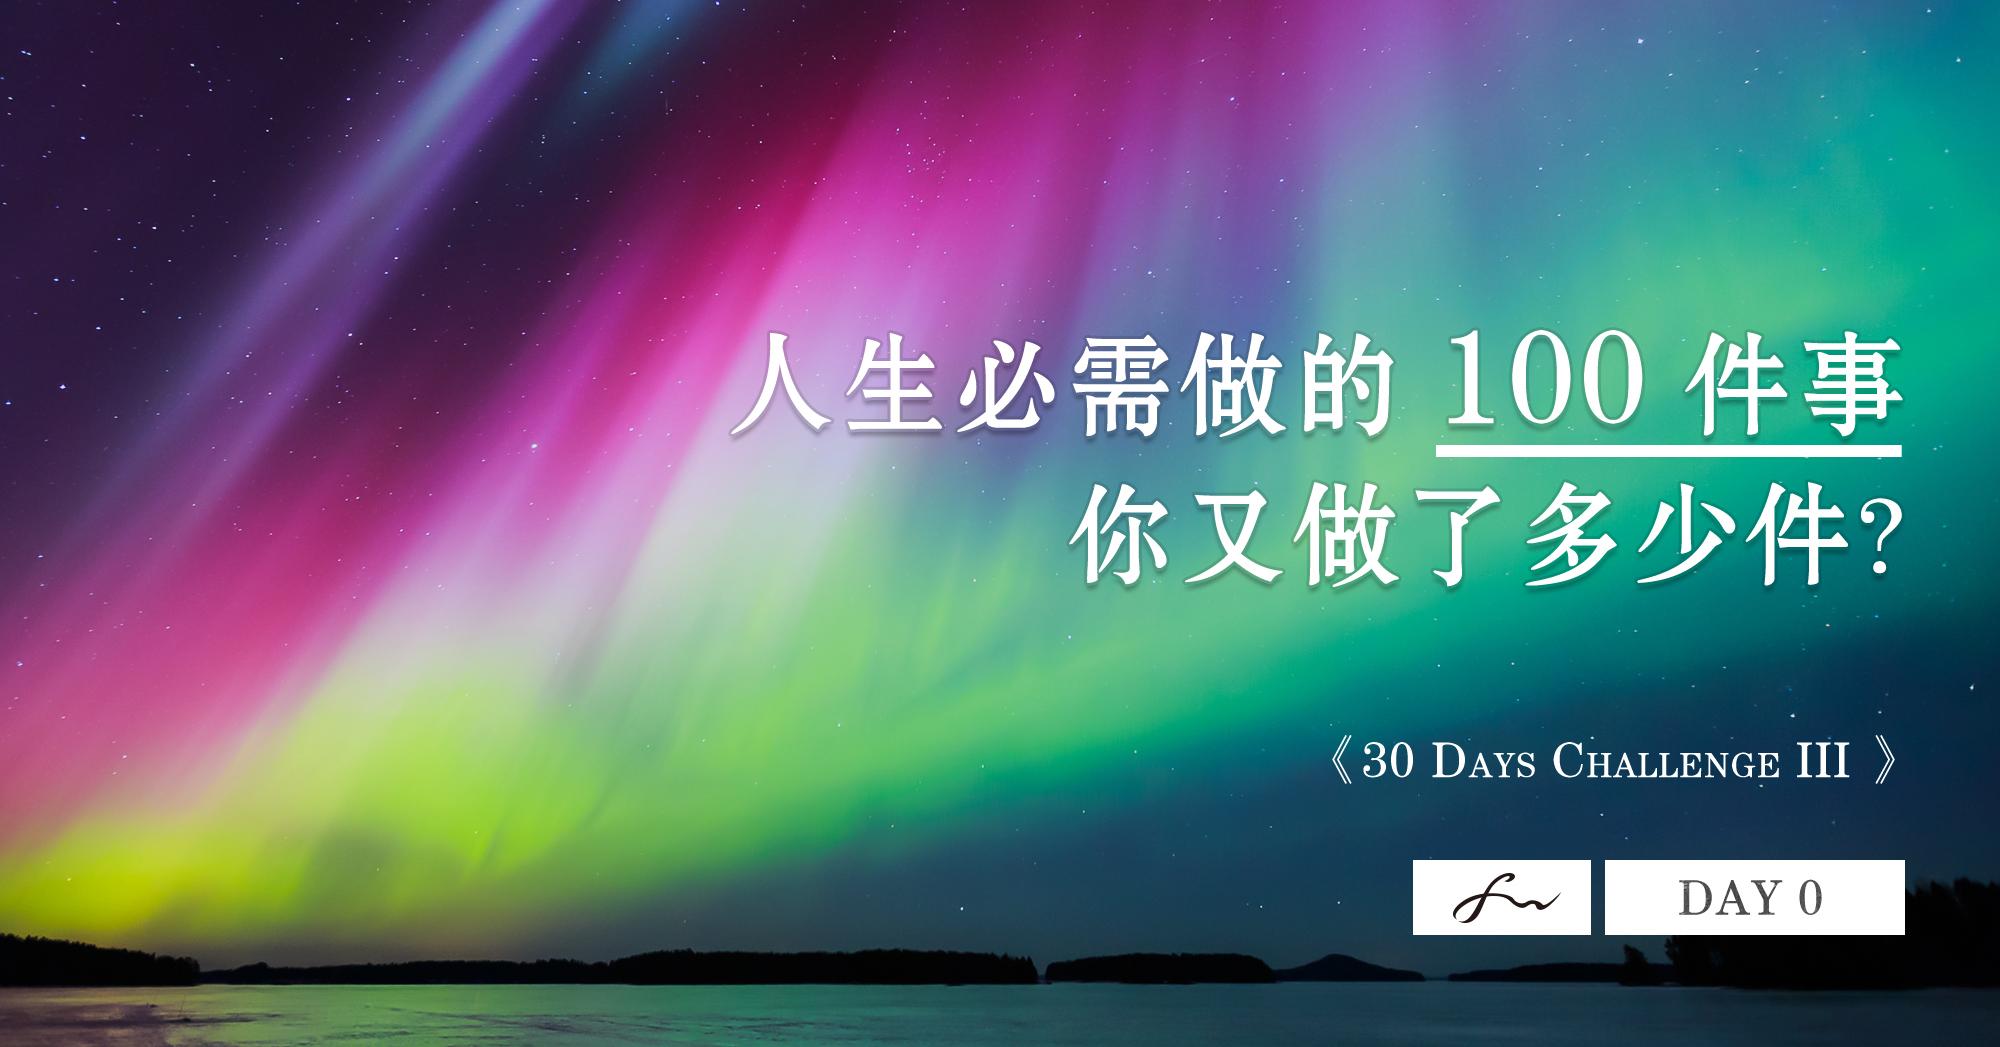 30 Days Challenge III:  「人生必需做的 100件事」,你又做了多少件?